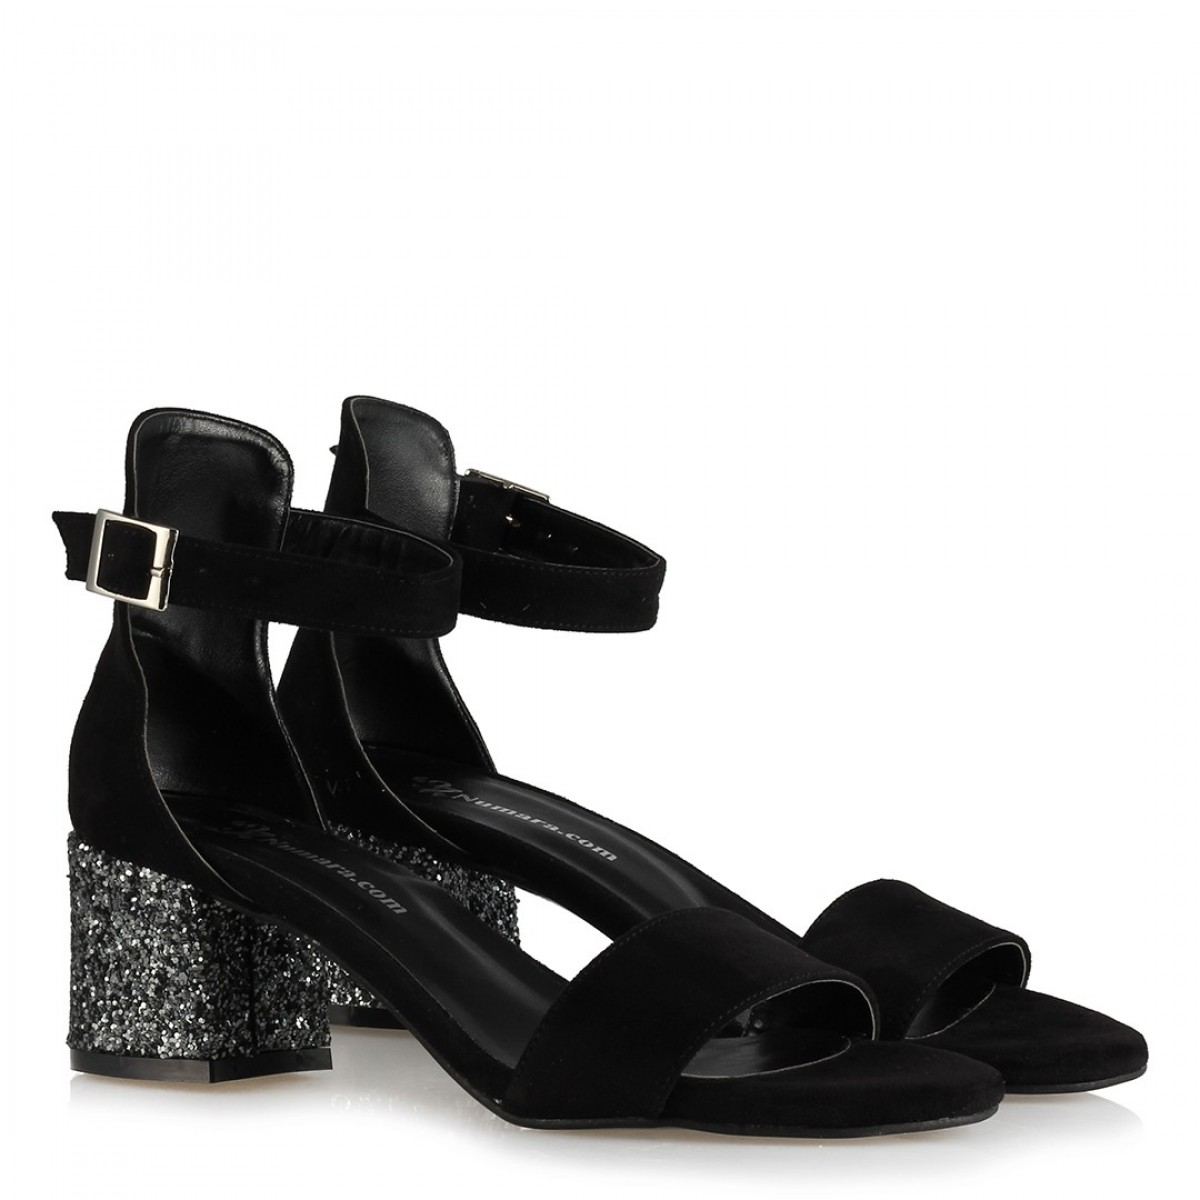 Az Topuklu Ayakkabı Siyah Topuk Gümüş Cam Kırığı